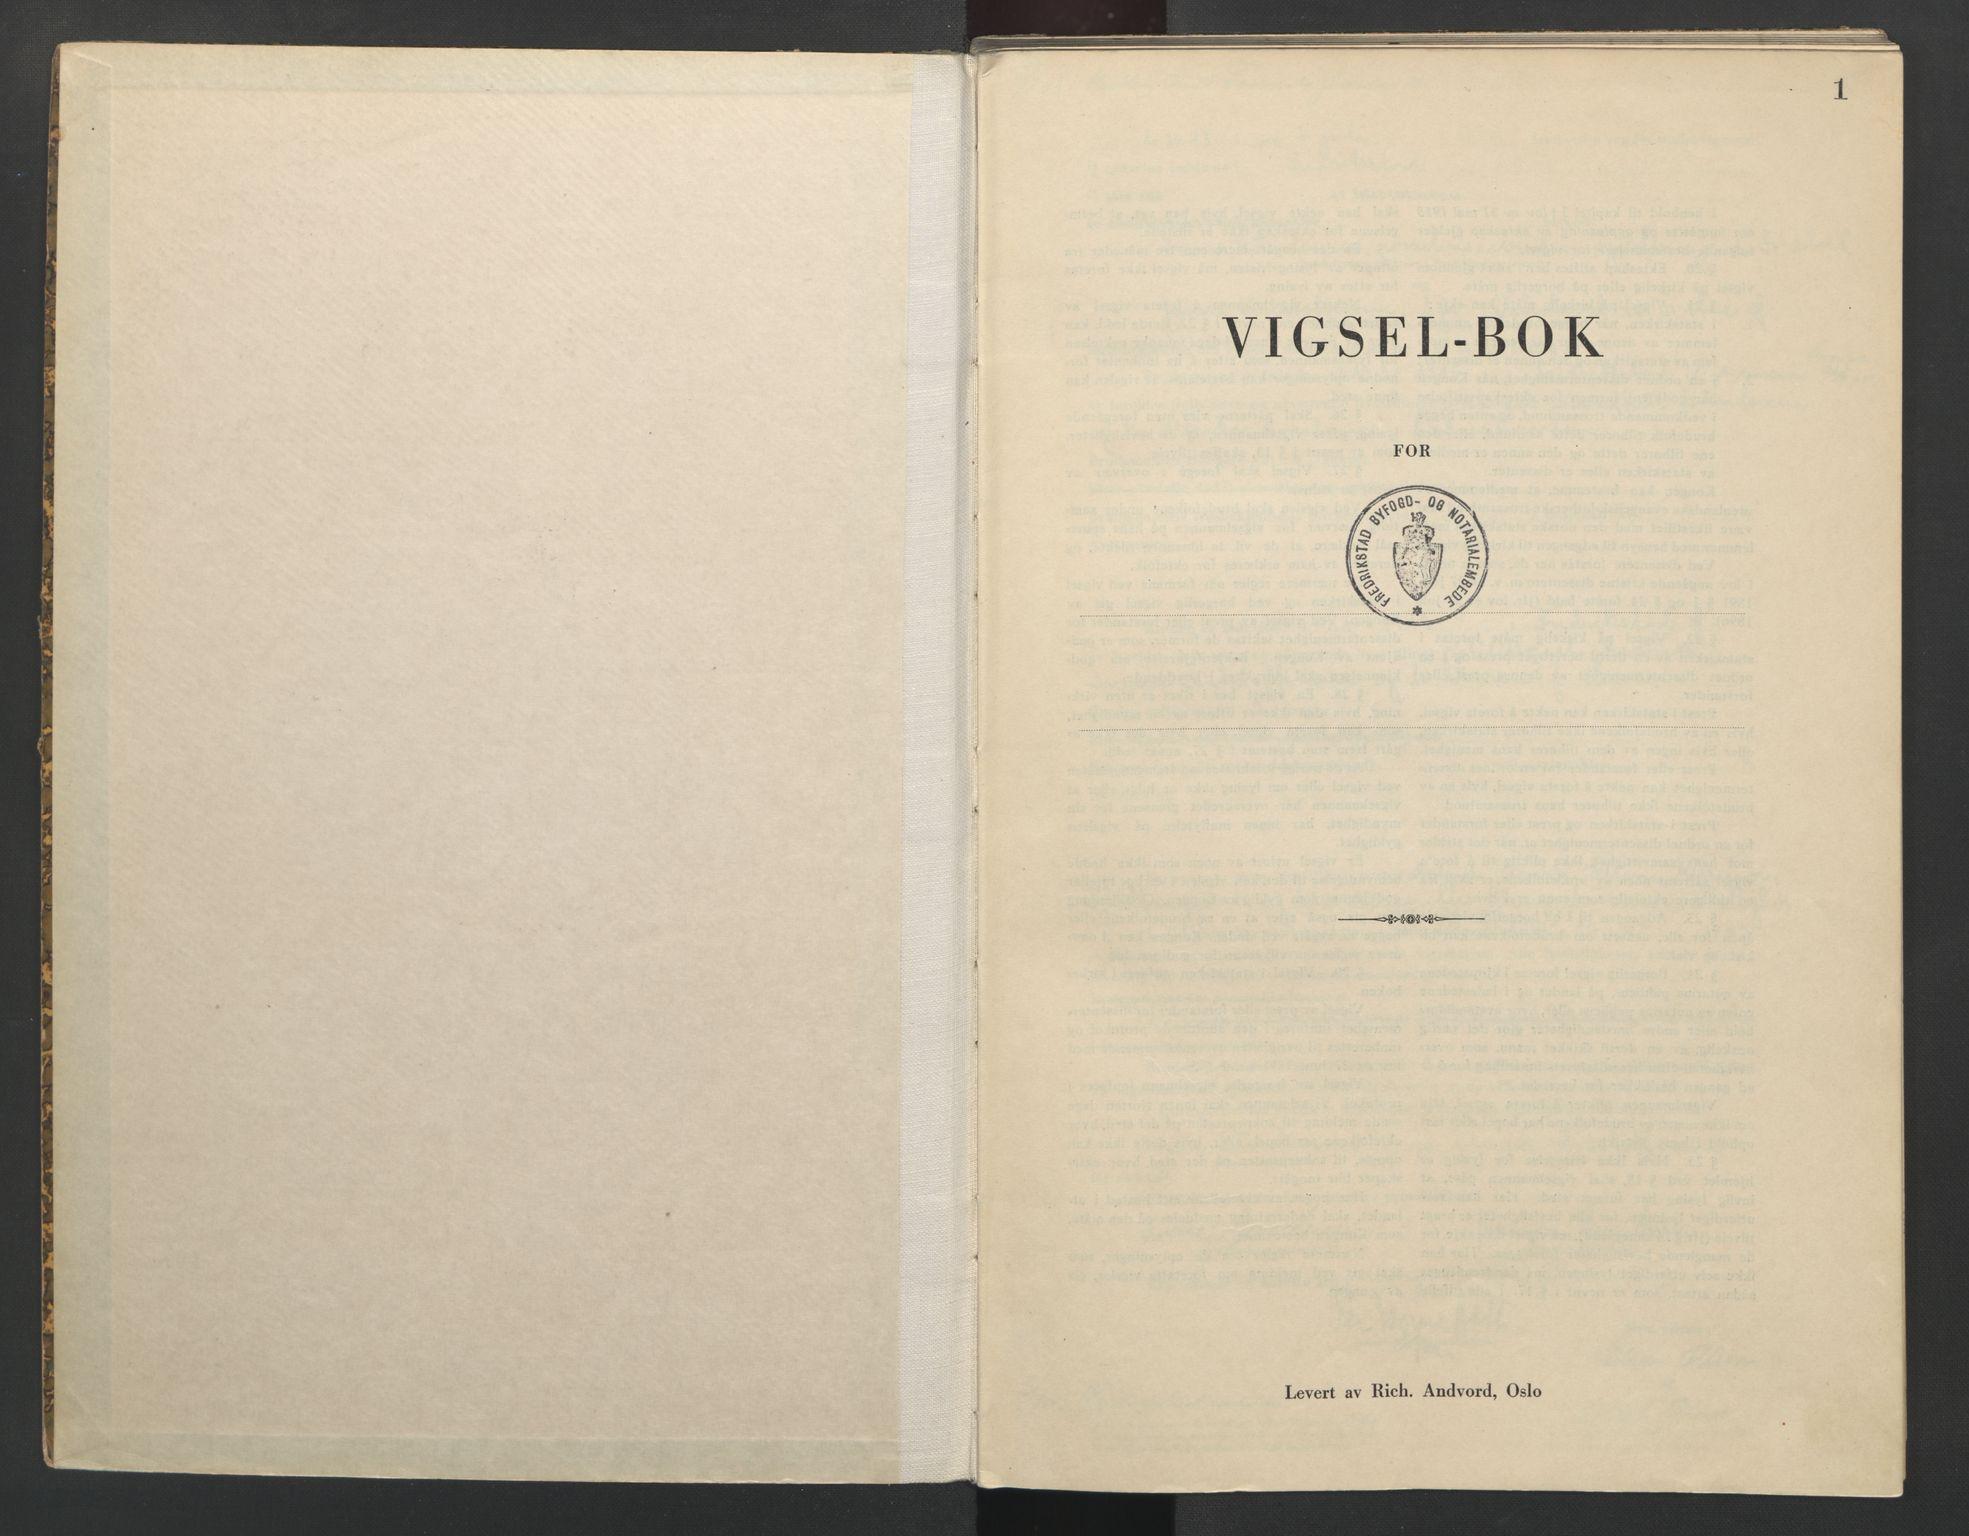 SAO, Fredrikstad byfogd, L/Lc/L0003: Vigselsbok, 1943-1945, s. 1